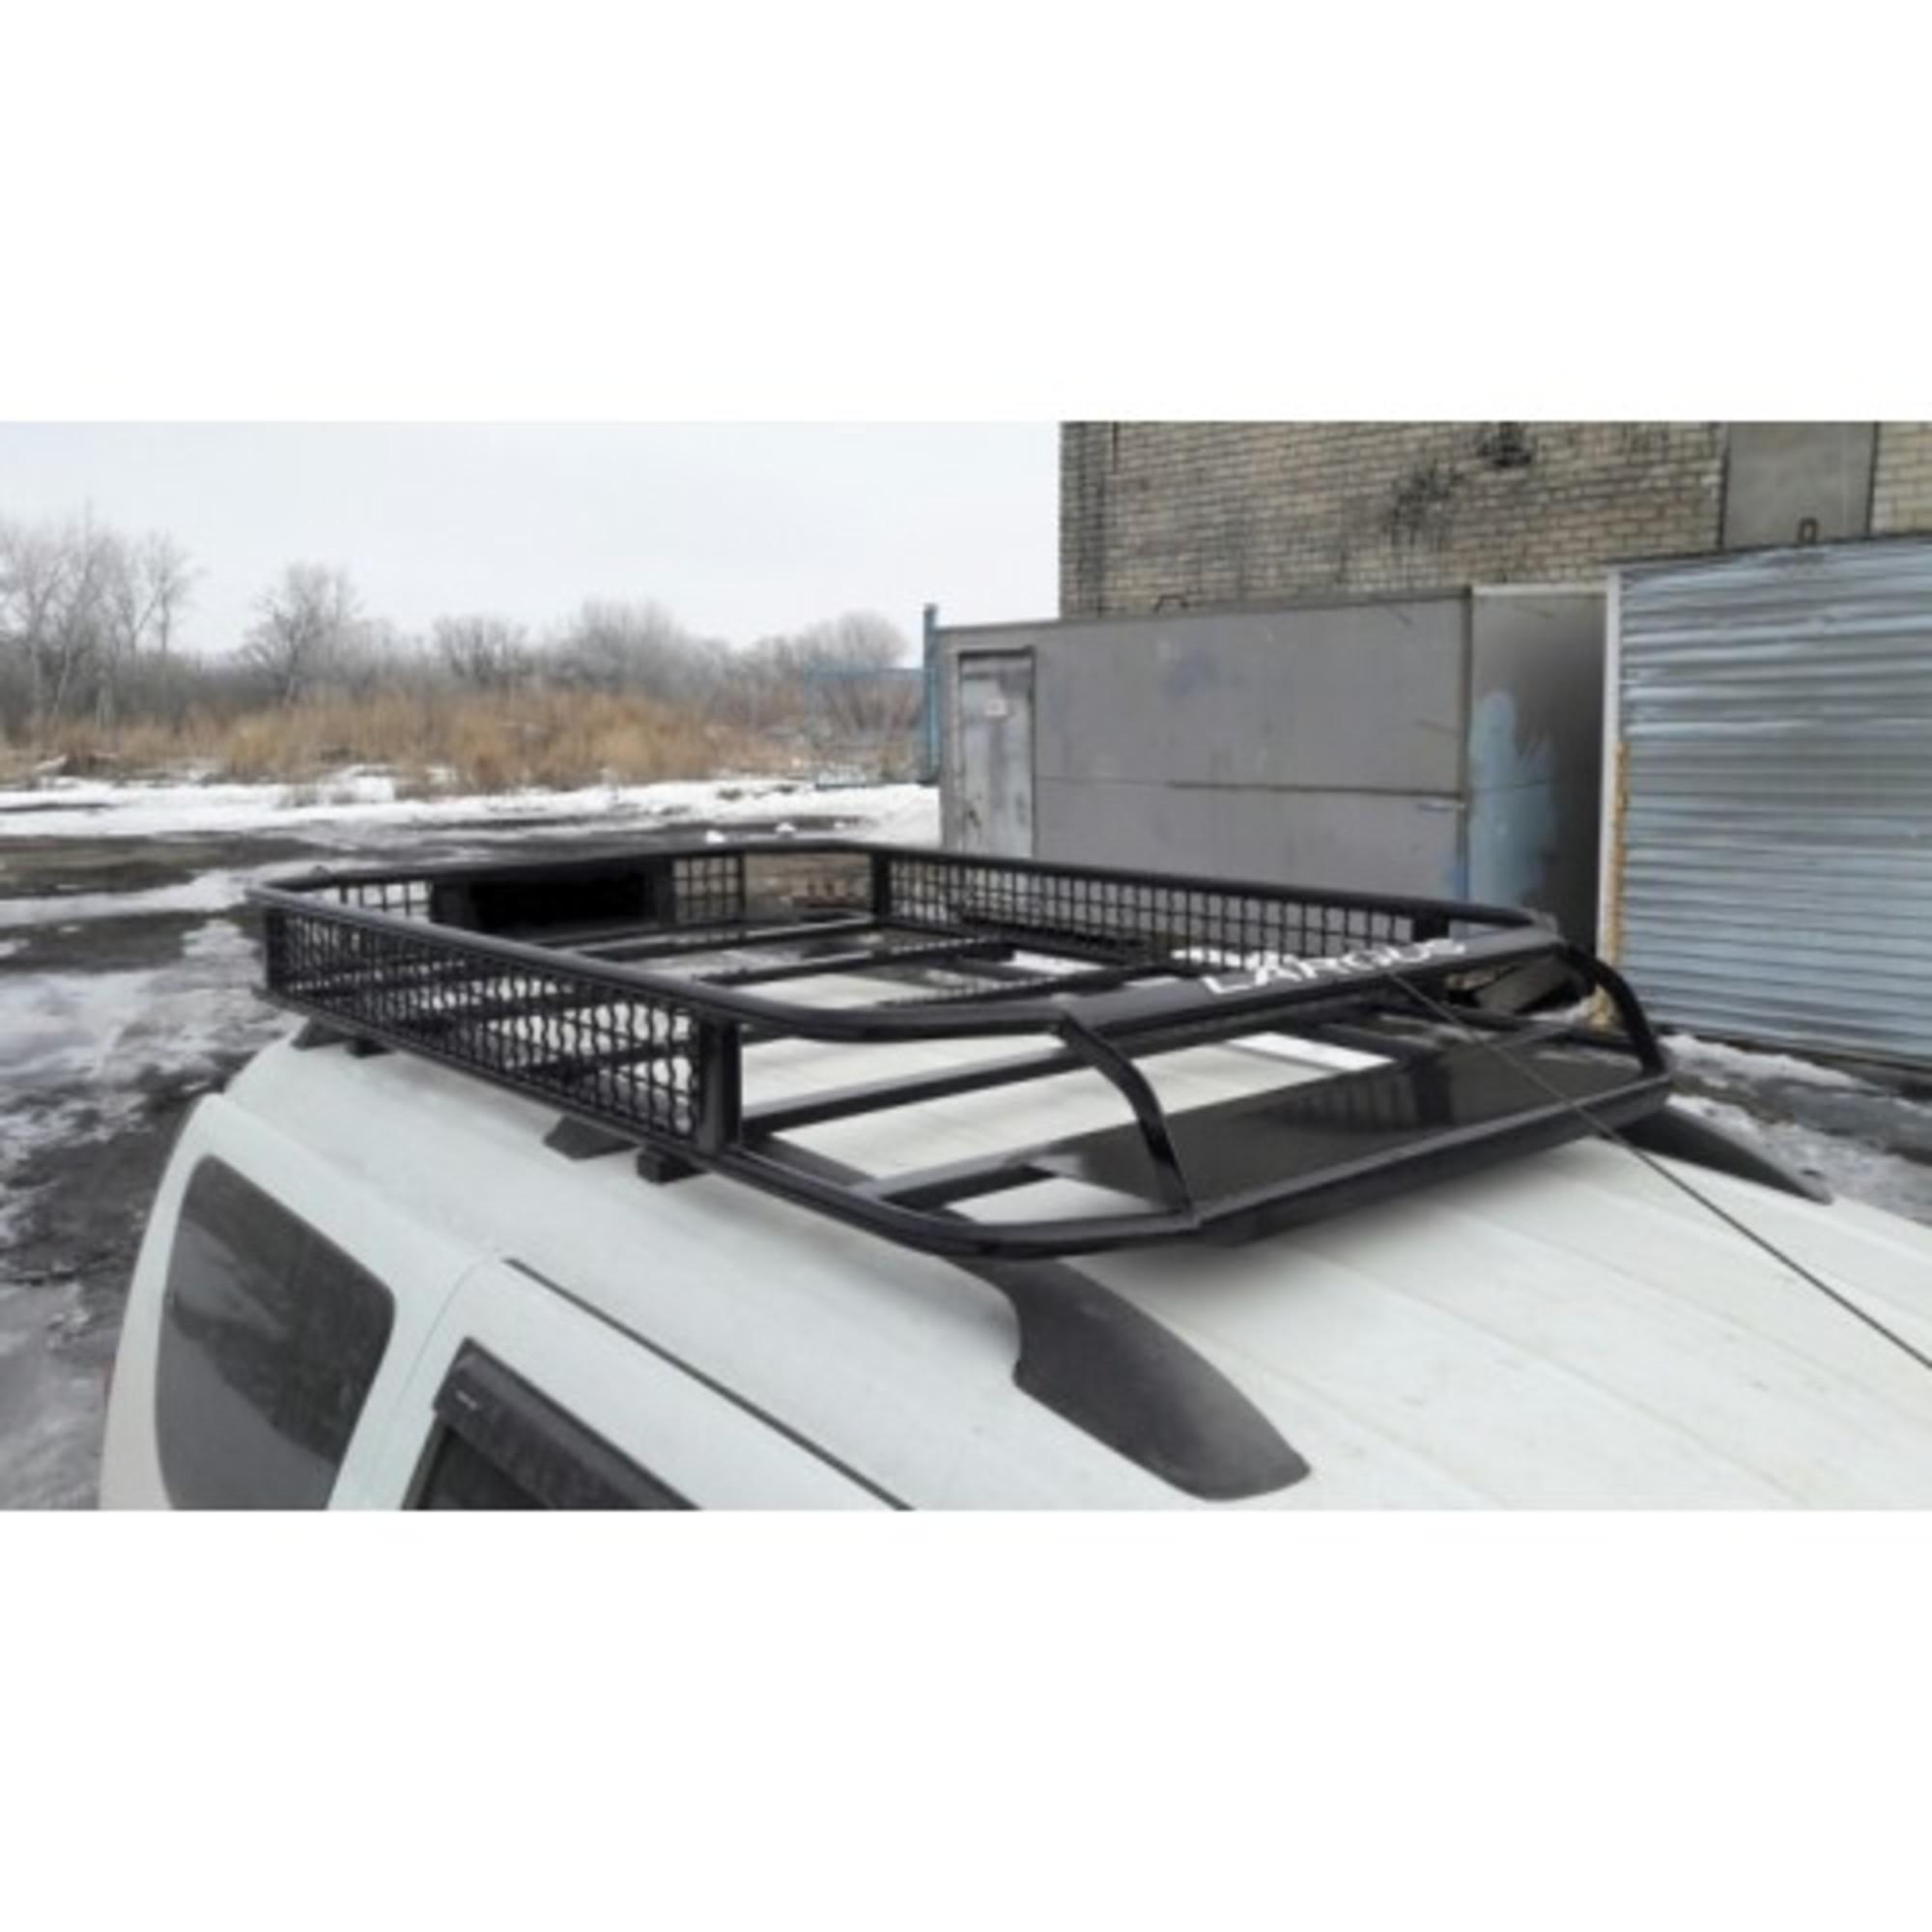 Багажник на Ларгус ВЕПРЬ (крепление на рейлинги или в места крепления рейлингов)